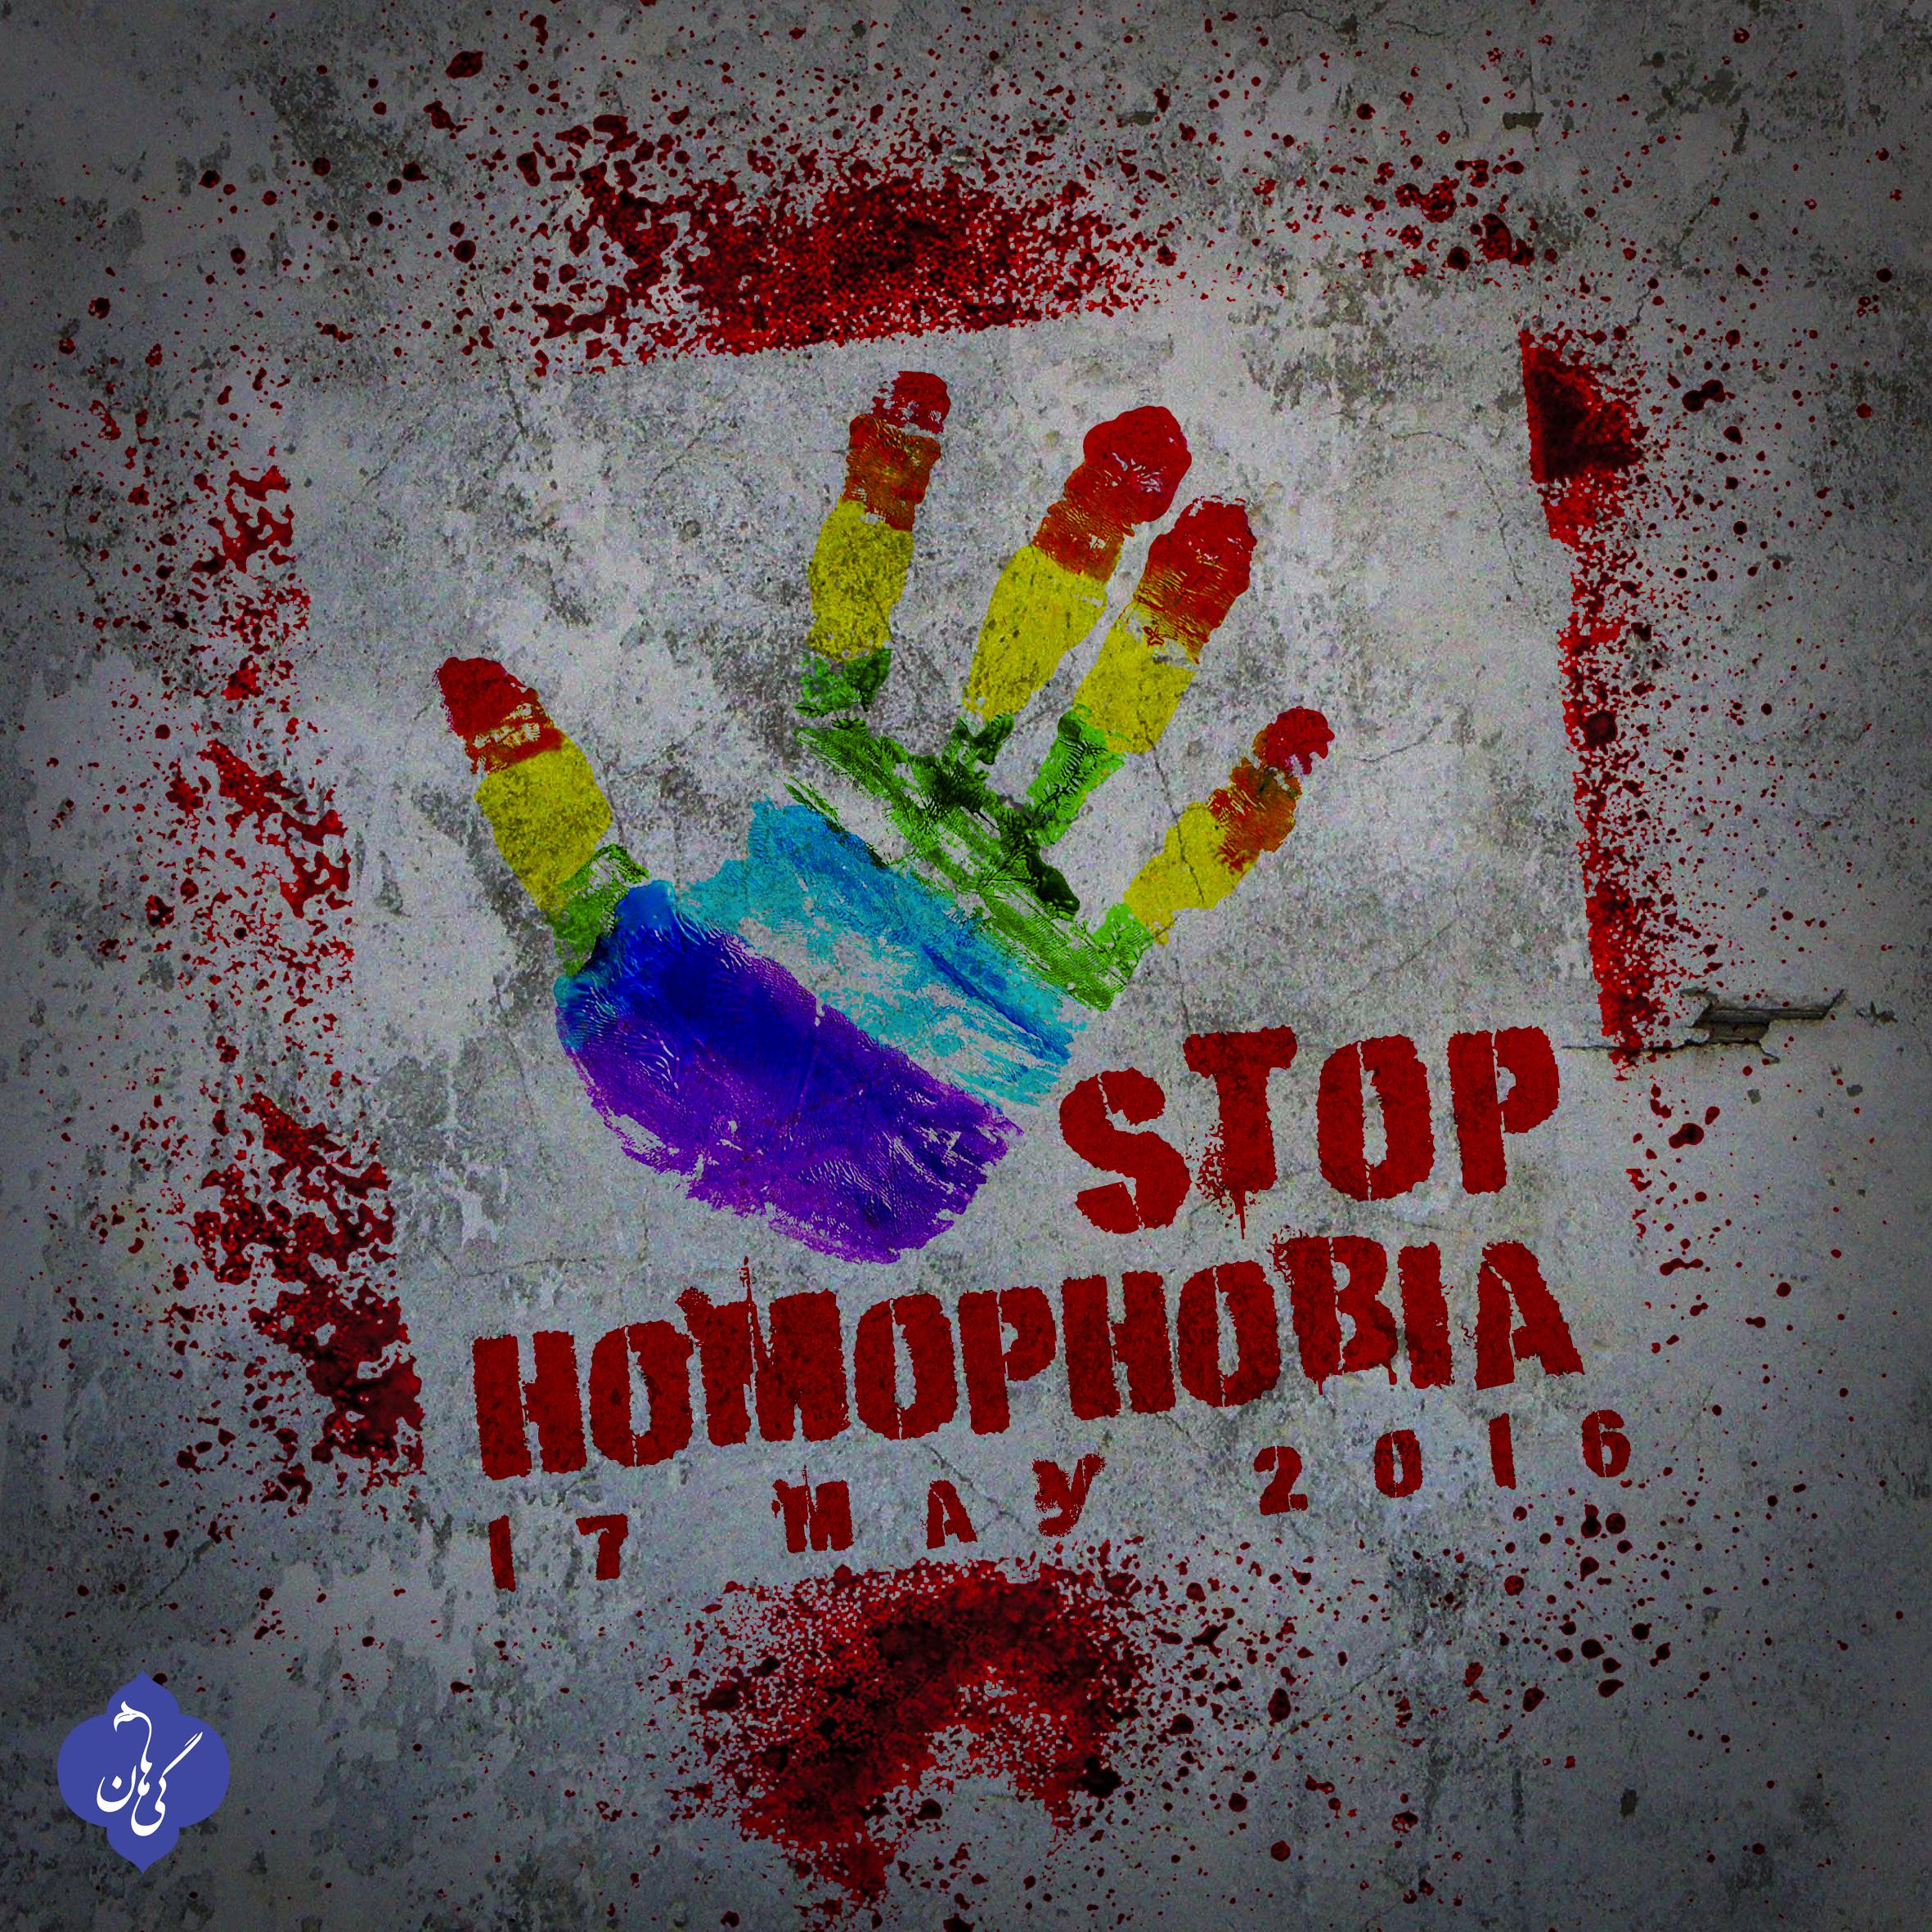 بيان احساسات و ديدگاه ها درباره همجنسگراستيزي توسط سازمان ملل در روز بين المللي همجنسگراستيزي